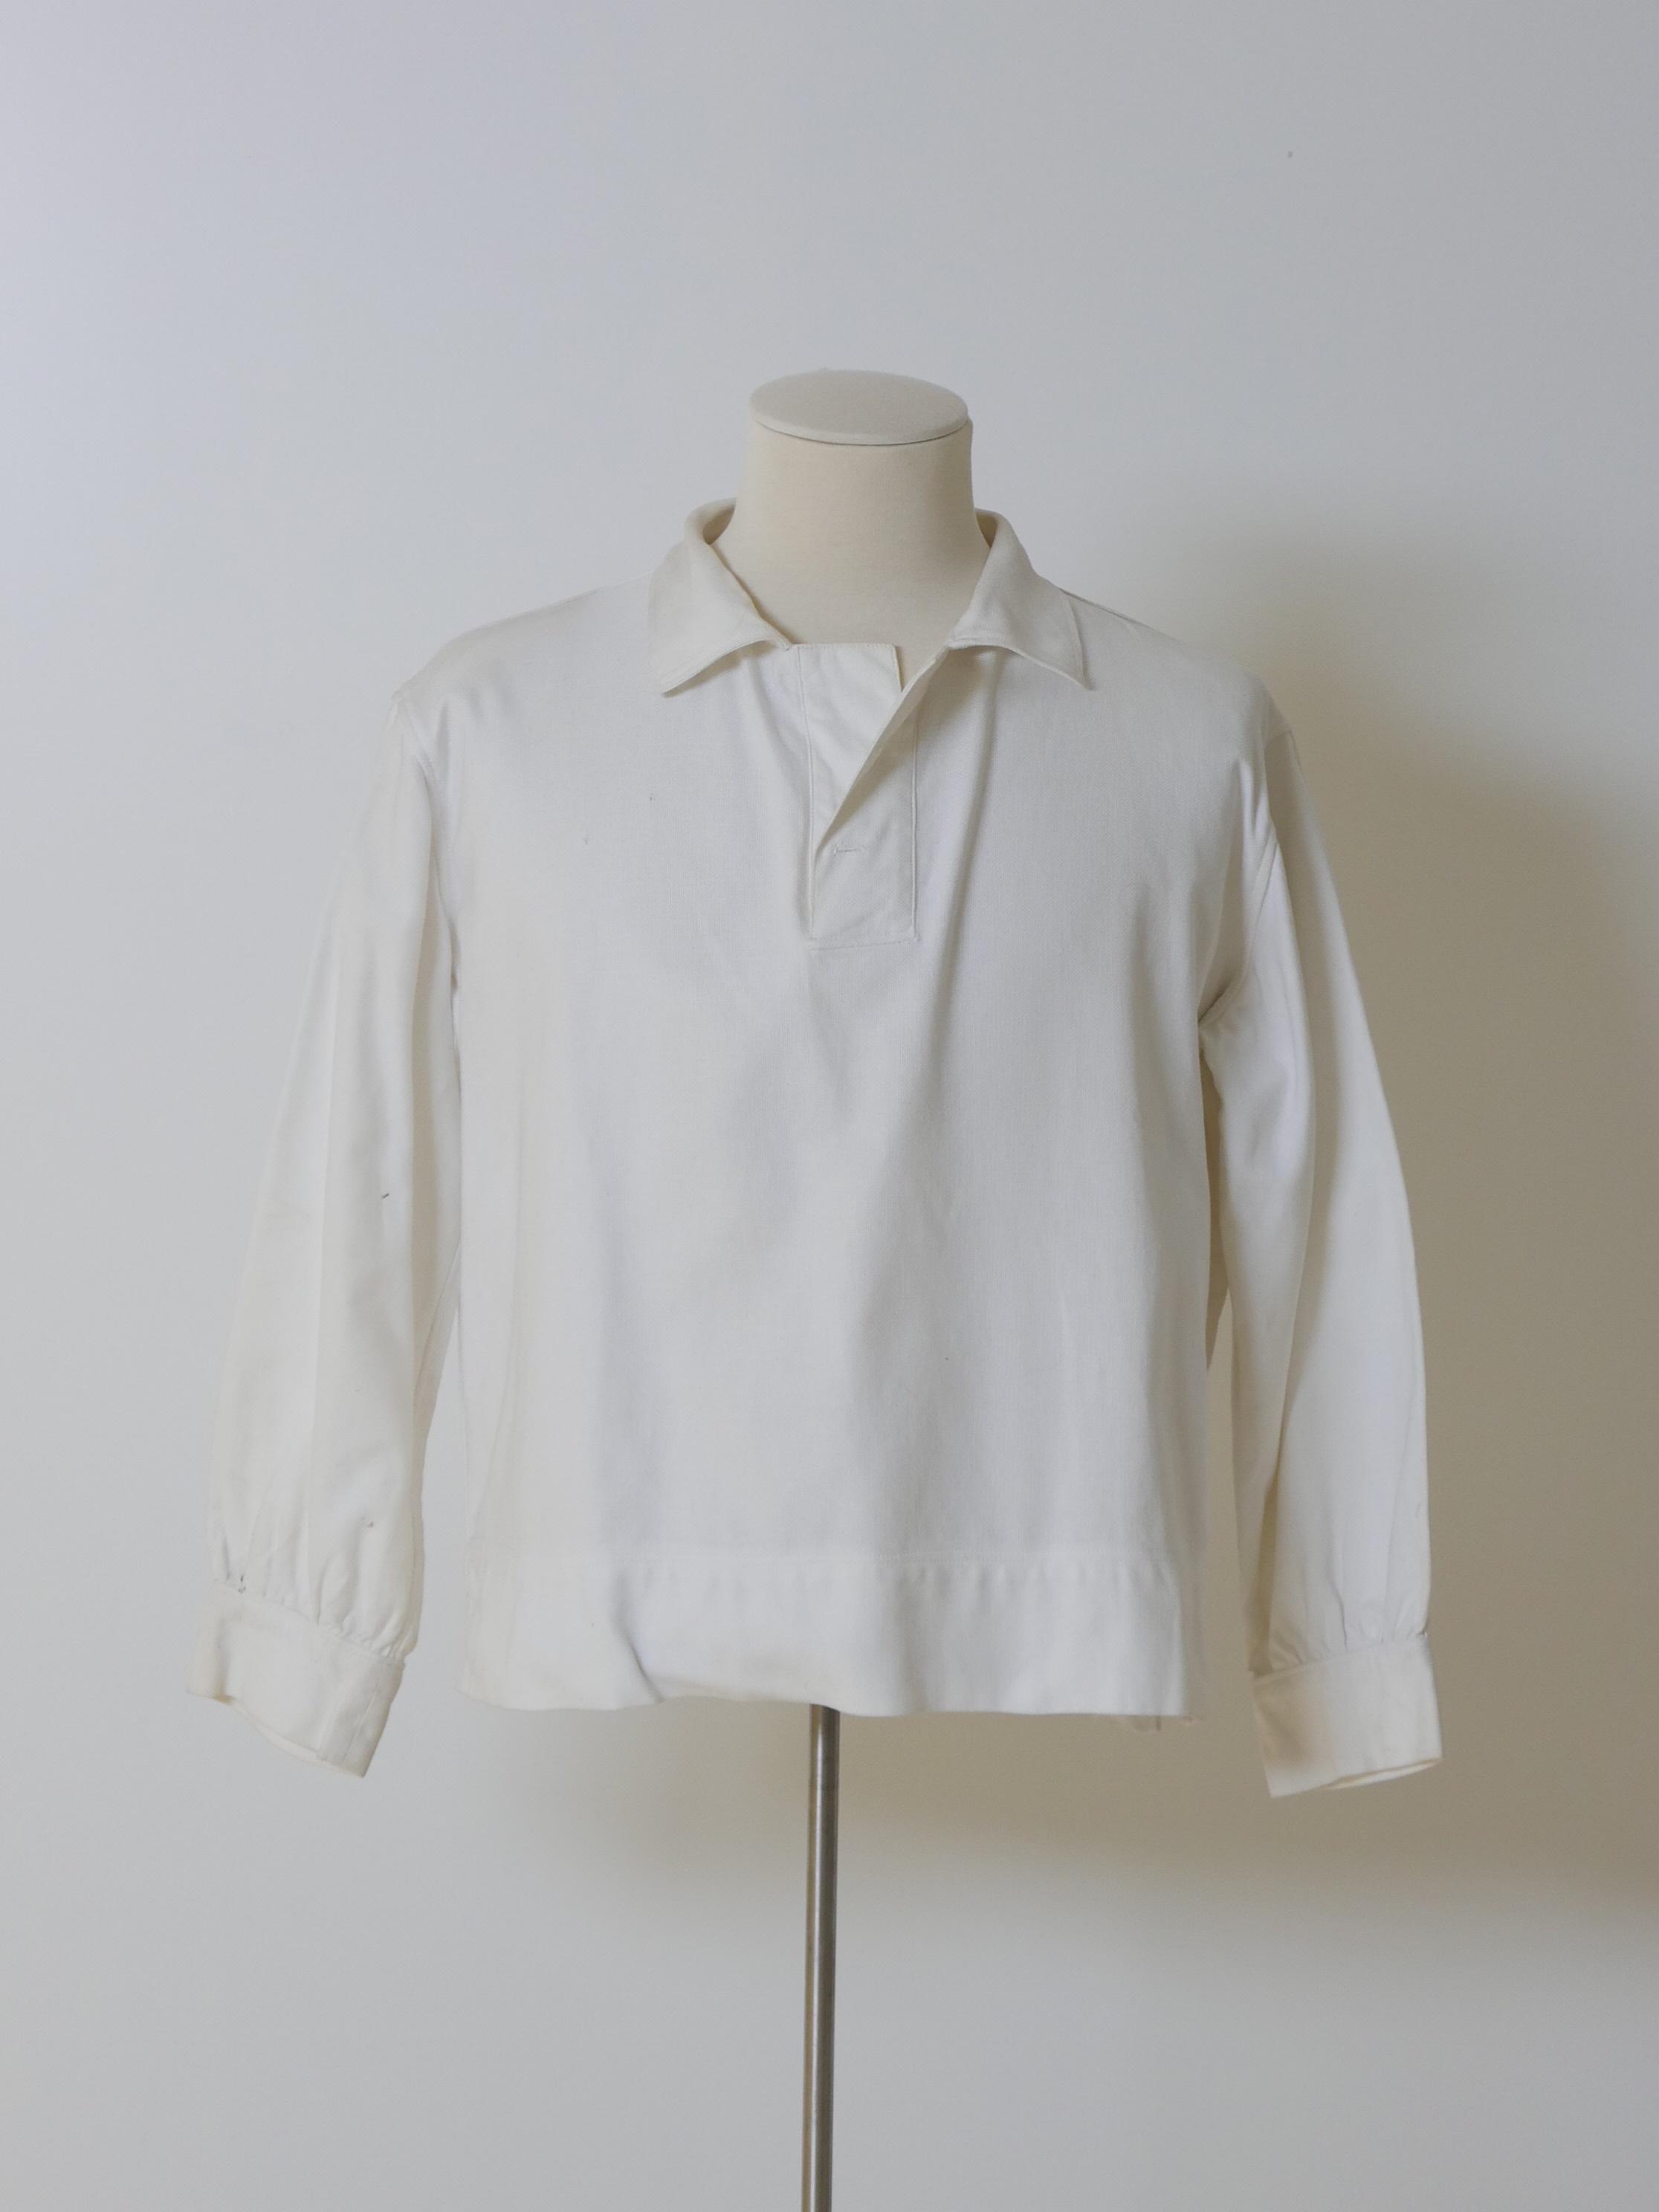 Polo en algodón blanco.